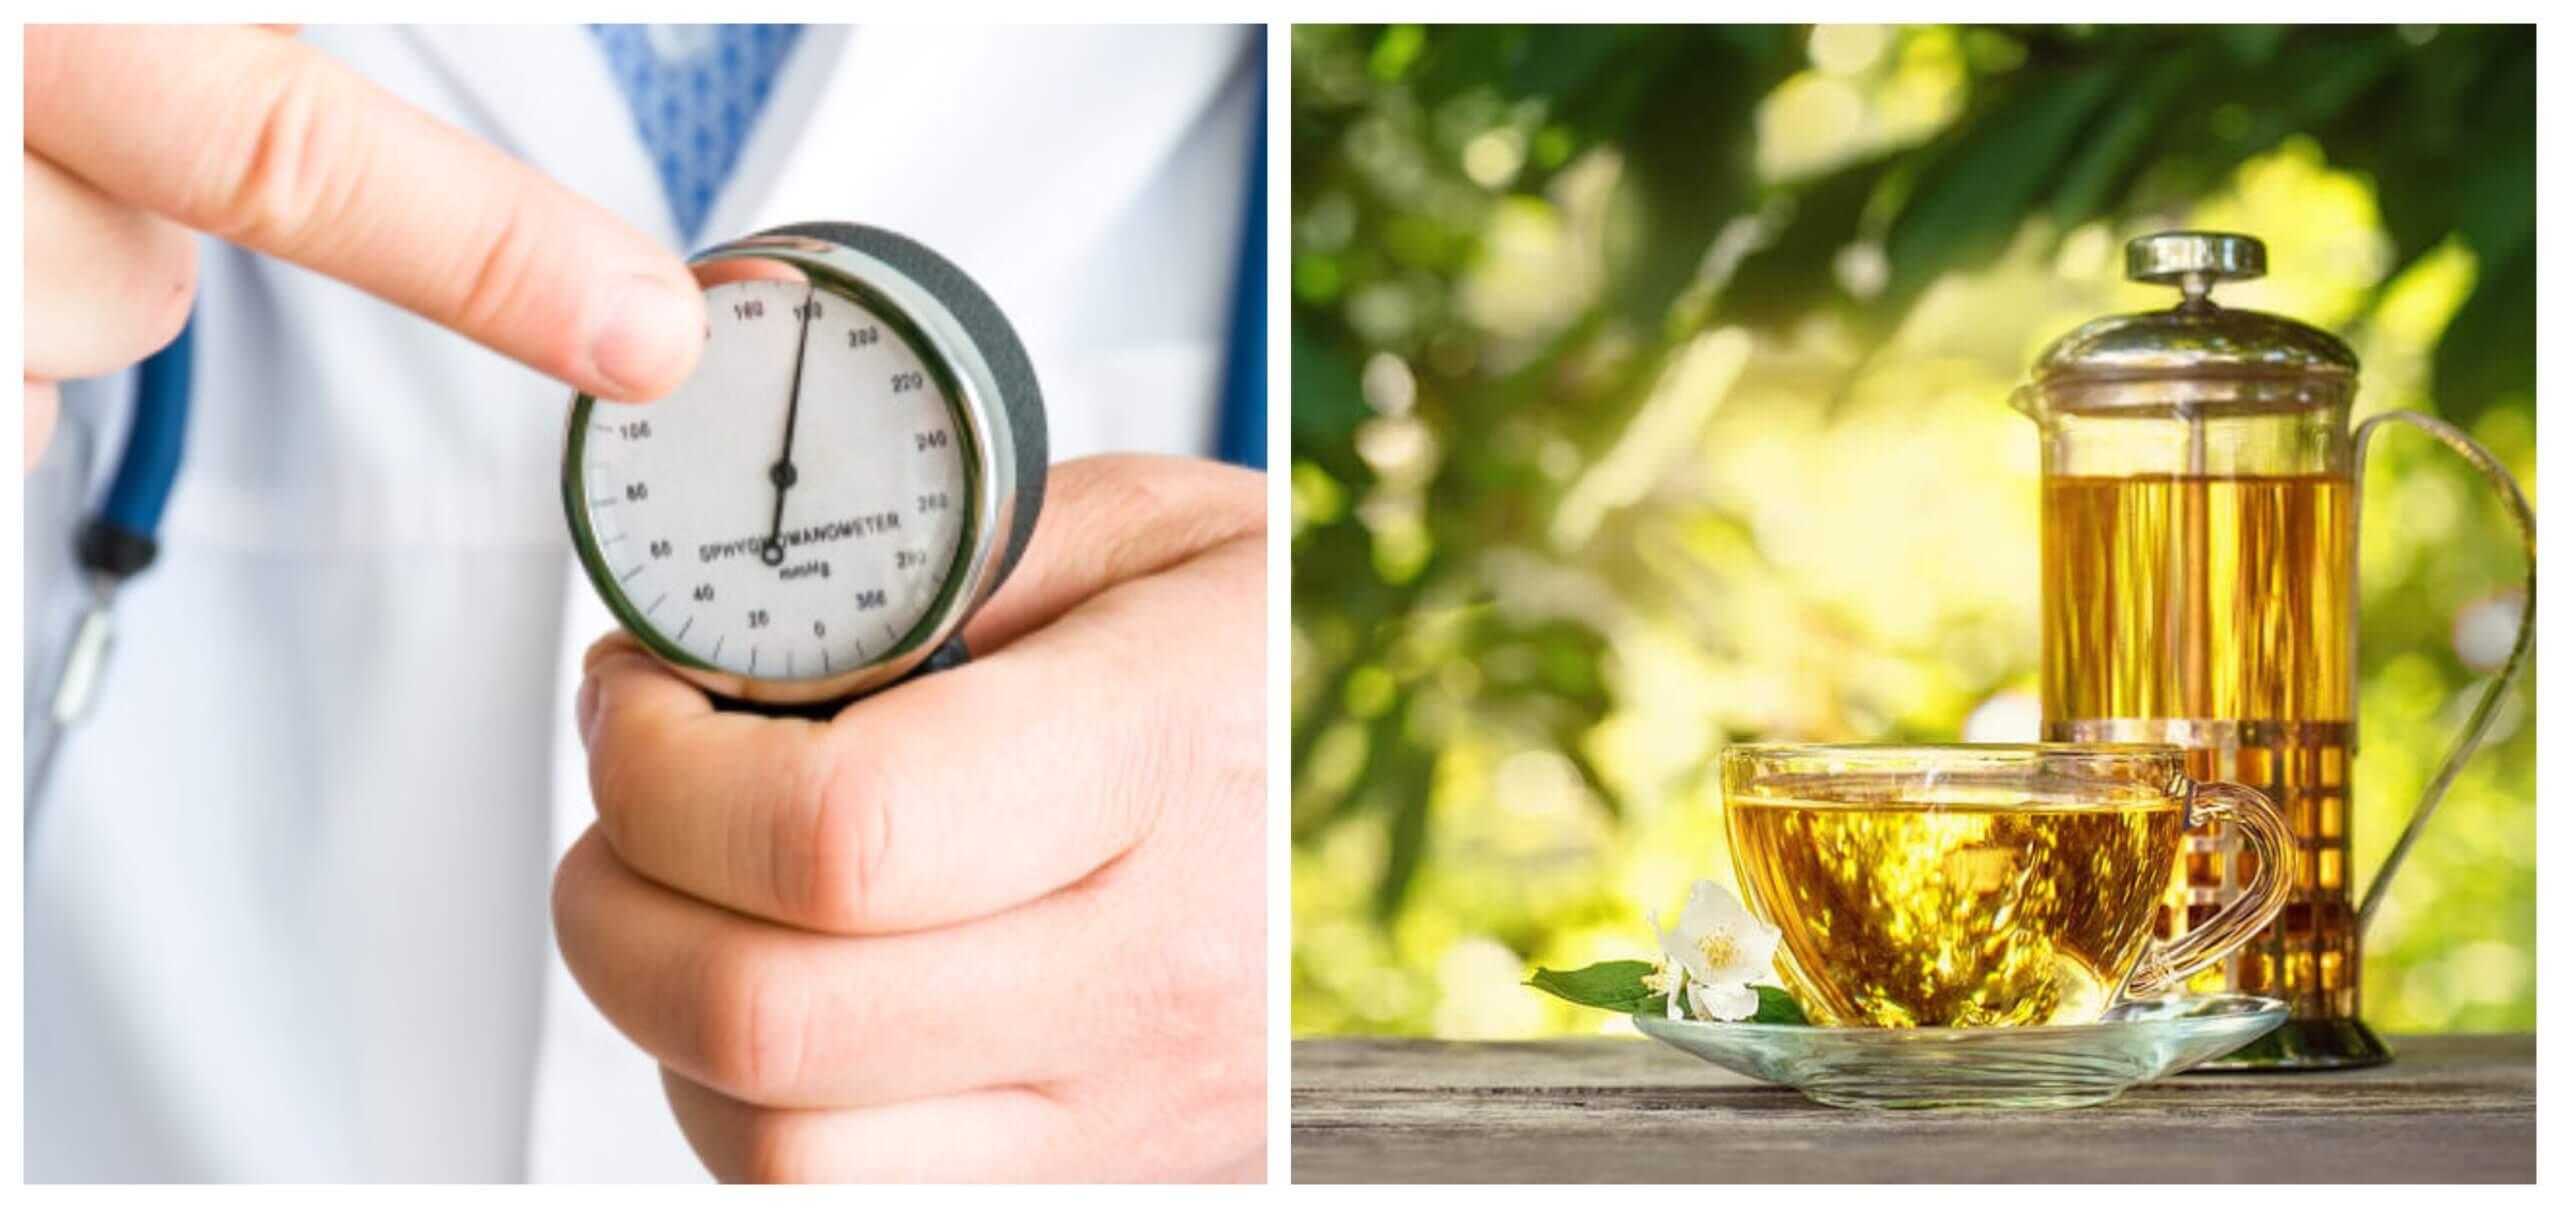 5 hierbas que puedes preparar para combatir la hipertensión